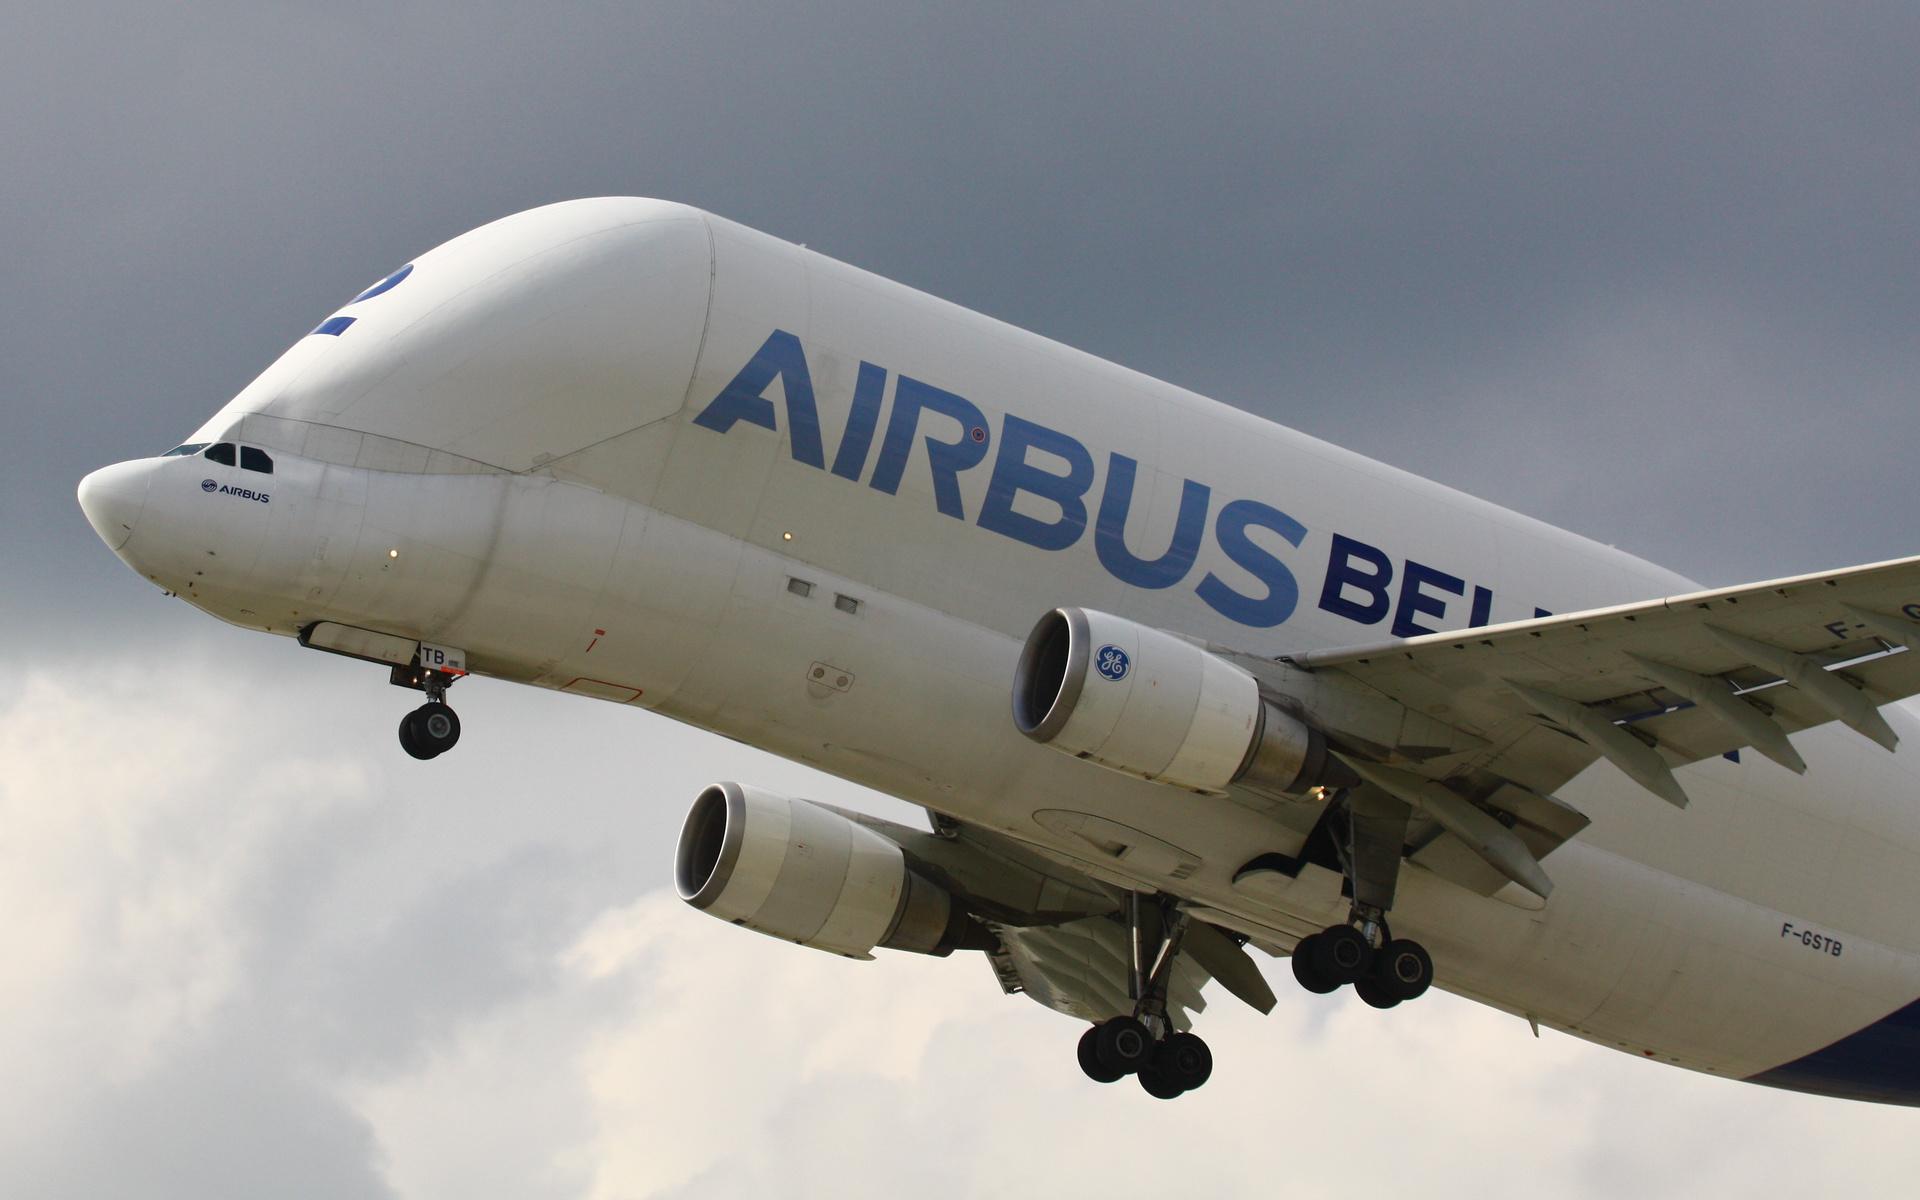 airbus a-300-605st beluga, airbus beluga, plane, аэробус, белуга, небо